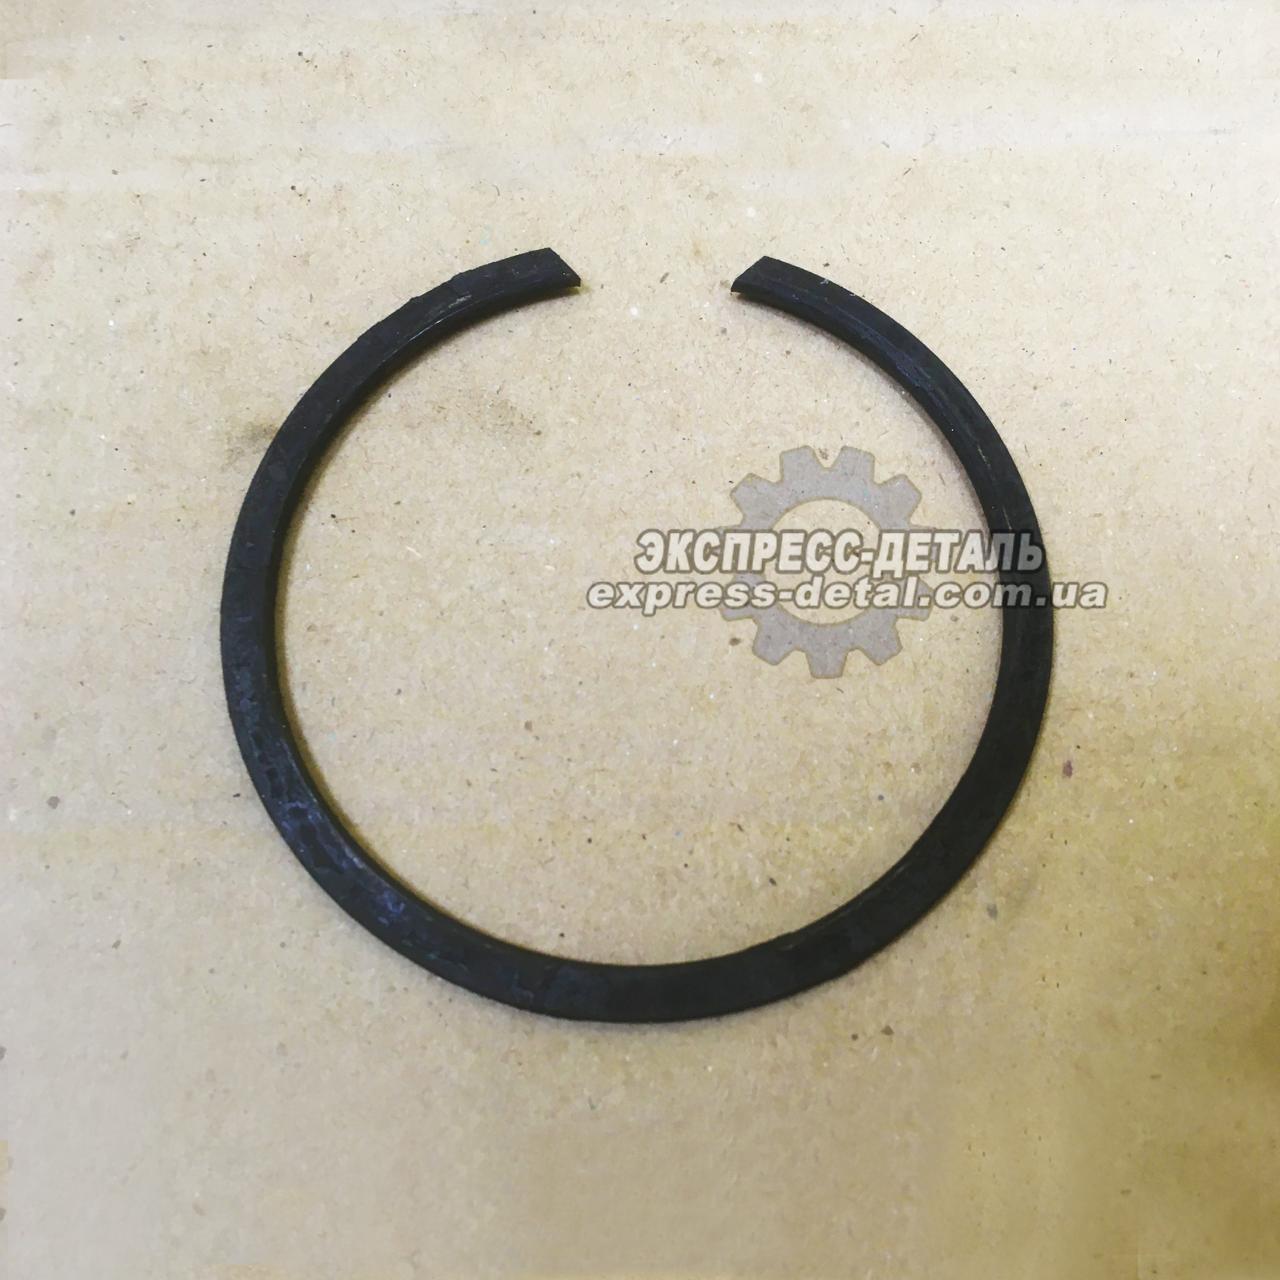 Кольцо коробки передач ЮМЗ 36-1701012